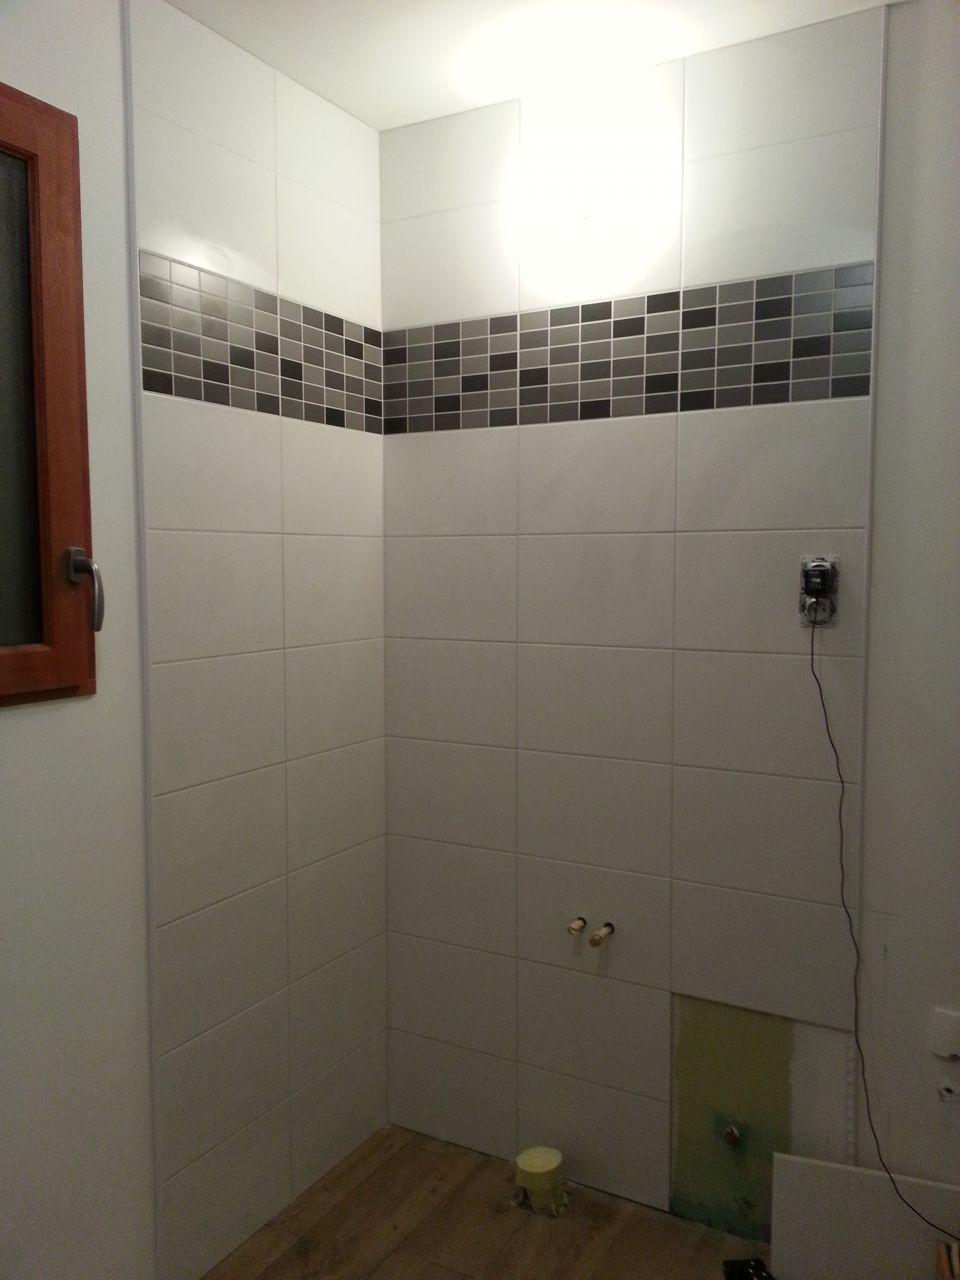 Joint carrelage salle de bain - Joints salle de bain ...